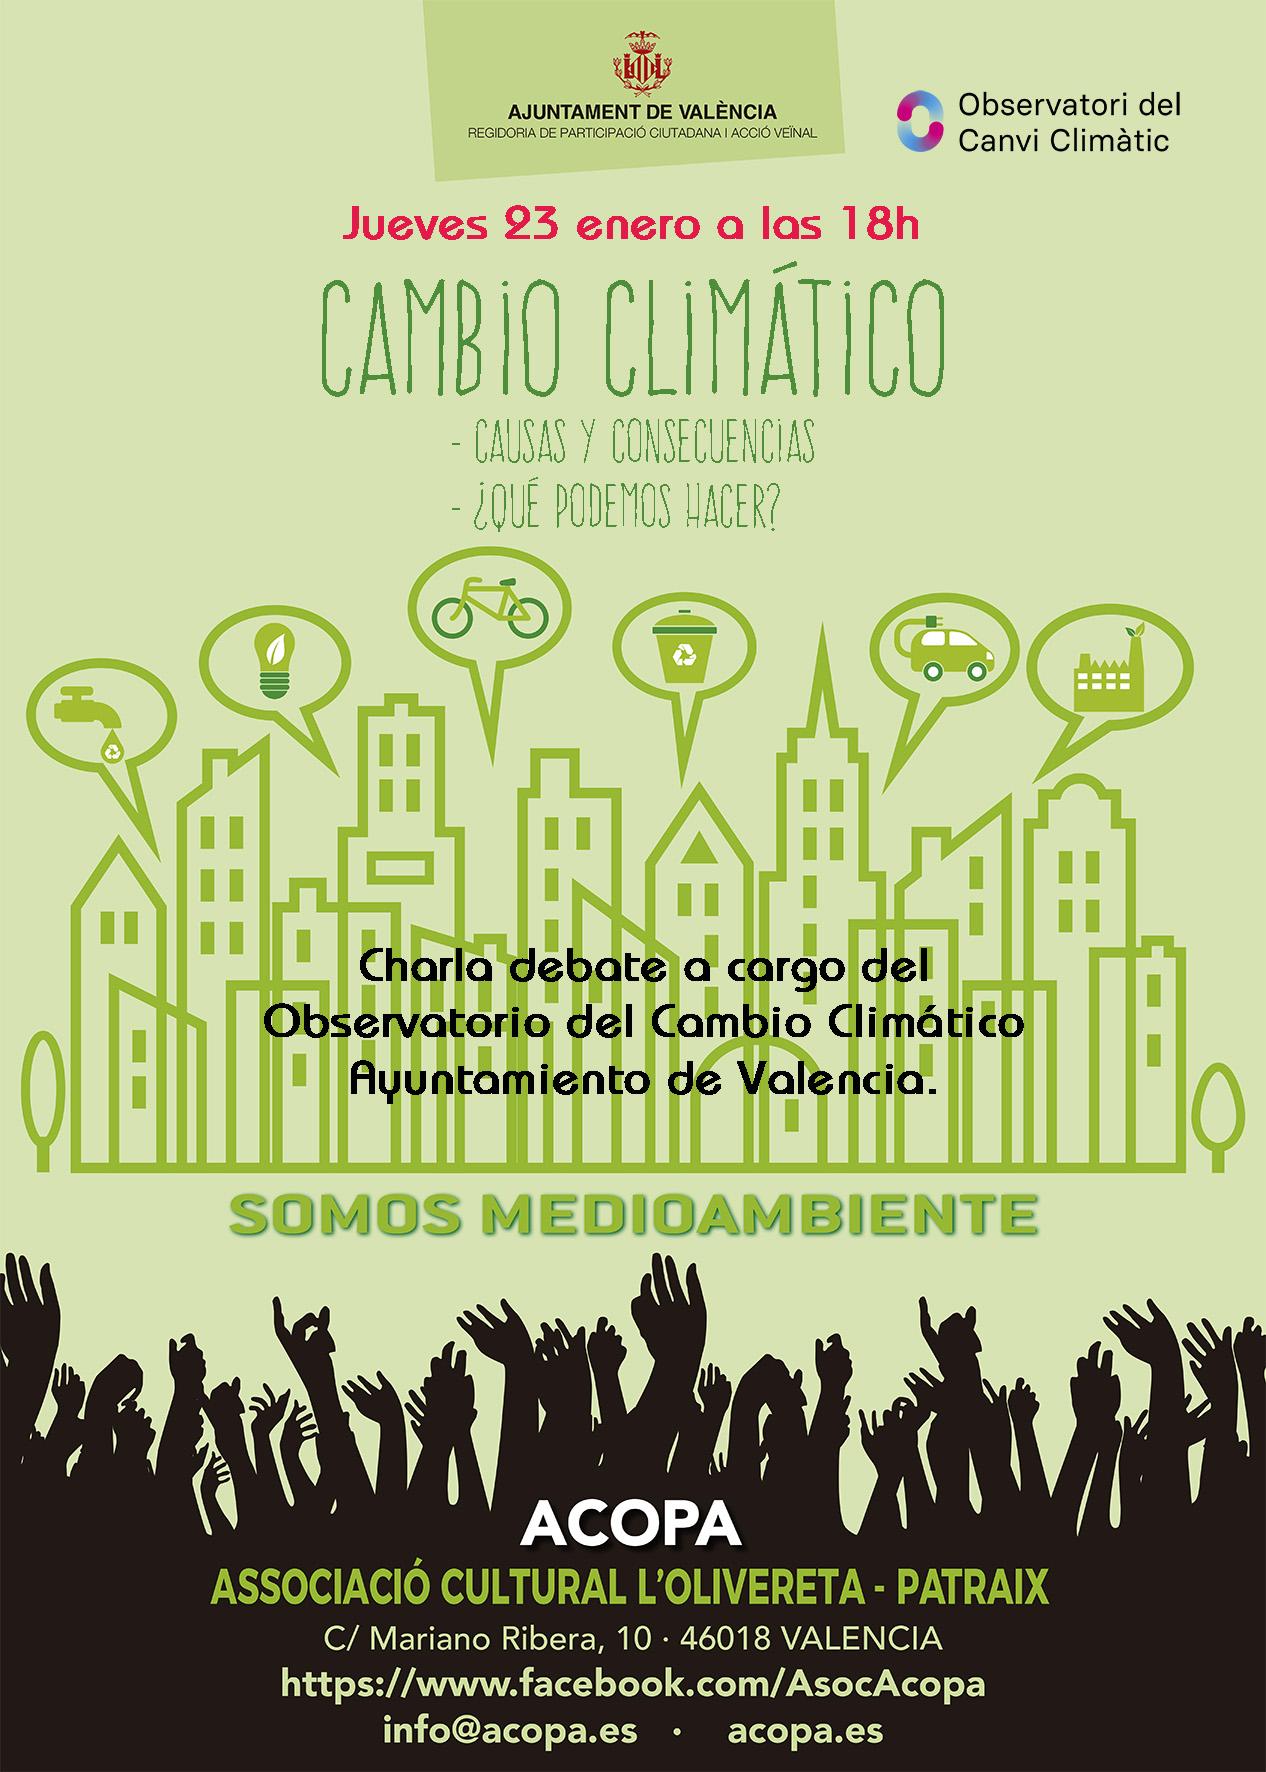 Cartel que anuncia una charla debate para el día 23 de enero de 2020 sobre cambio climático impartida por el Observatorio de CAnvi Climatic del Ayuntamiento de Valencia. Forma parte del proyecto subvencionado por el mismo Ayuntamiento